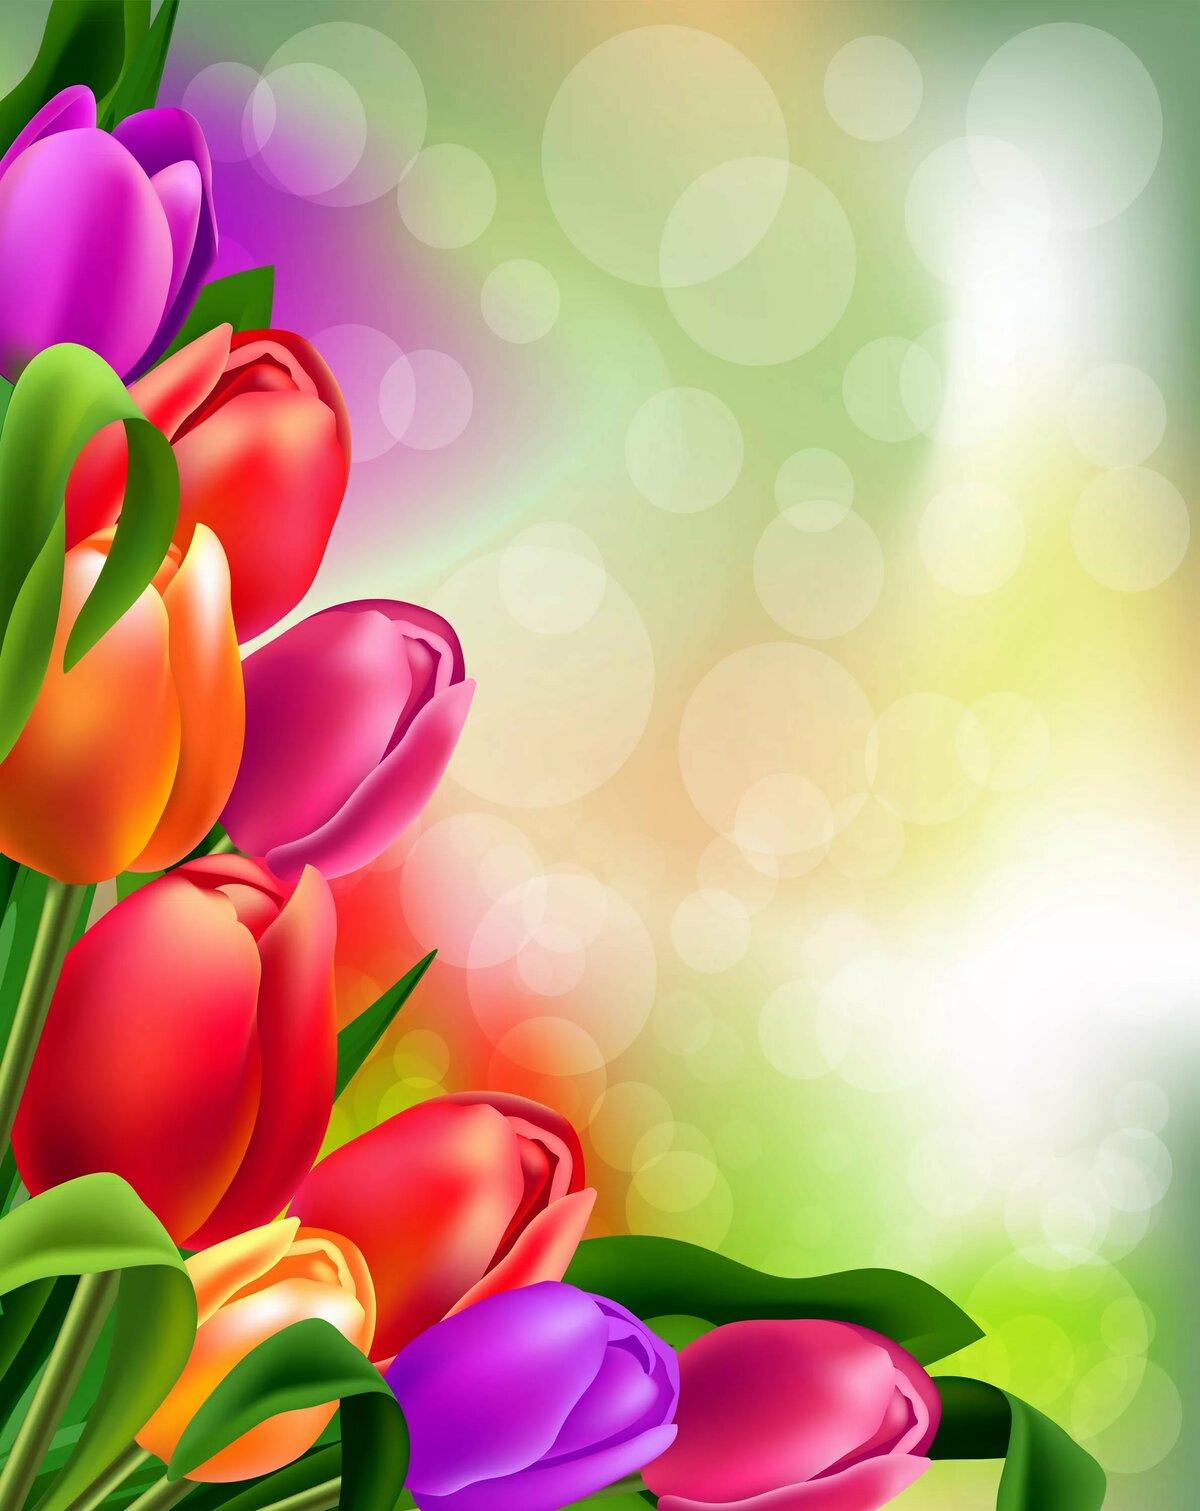 Красивые картинки с цветами для афиши предметы выглядят